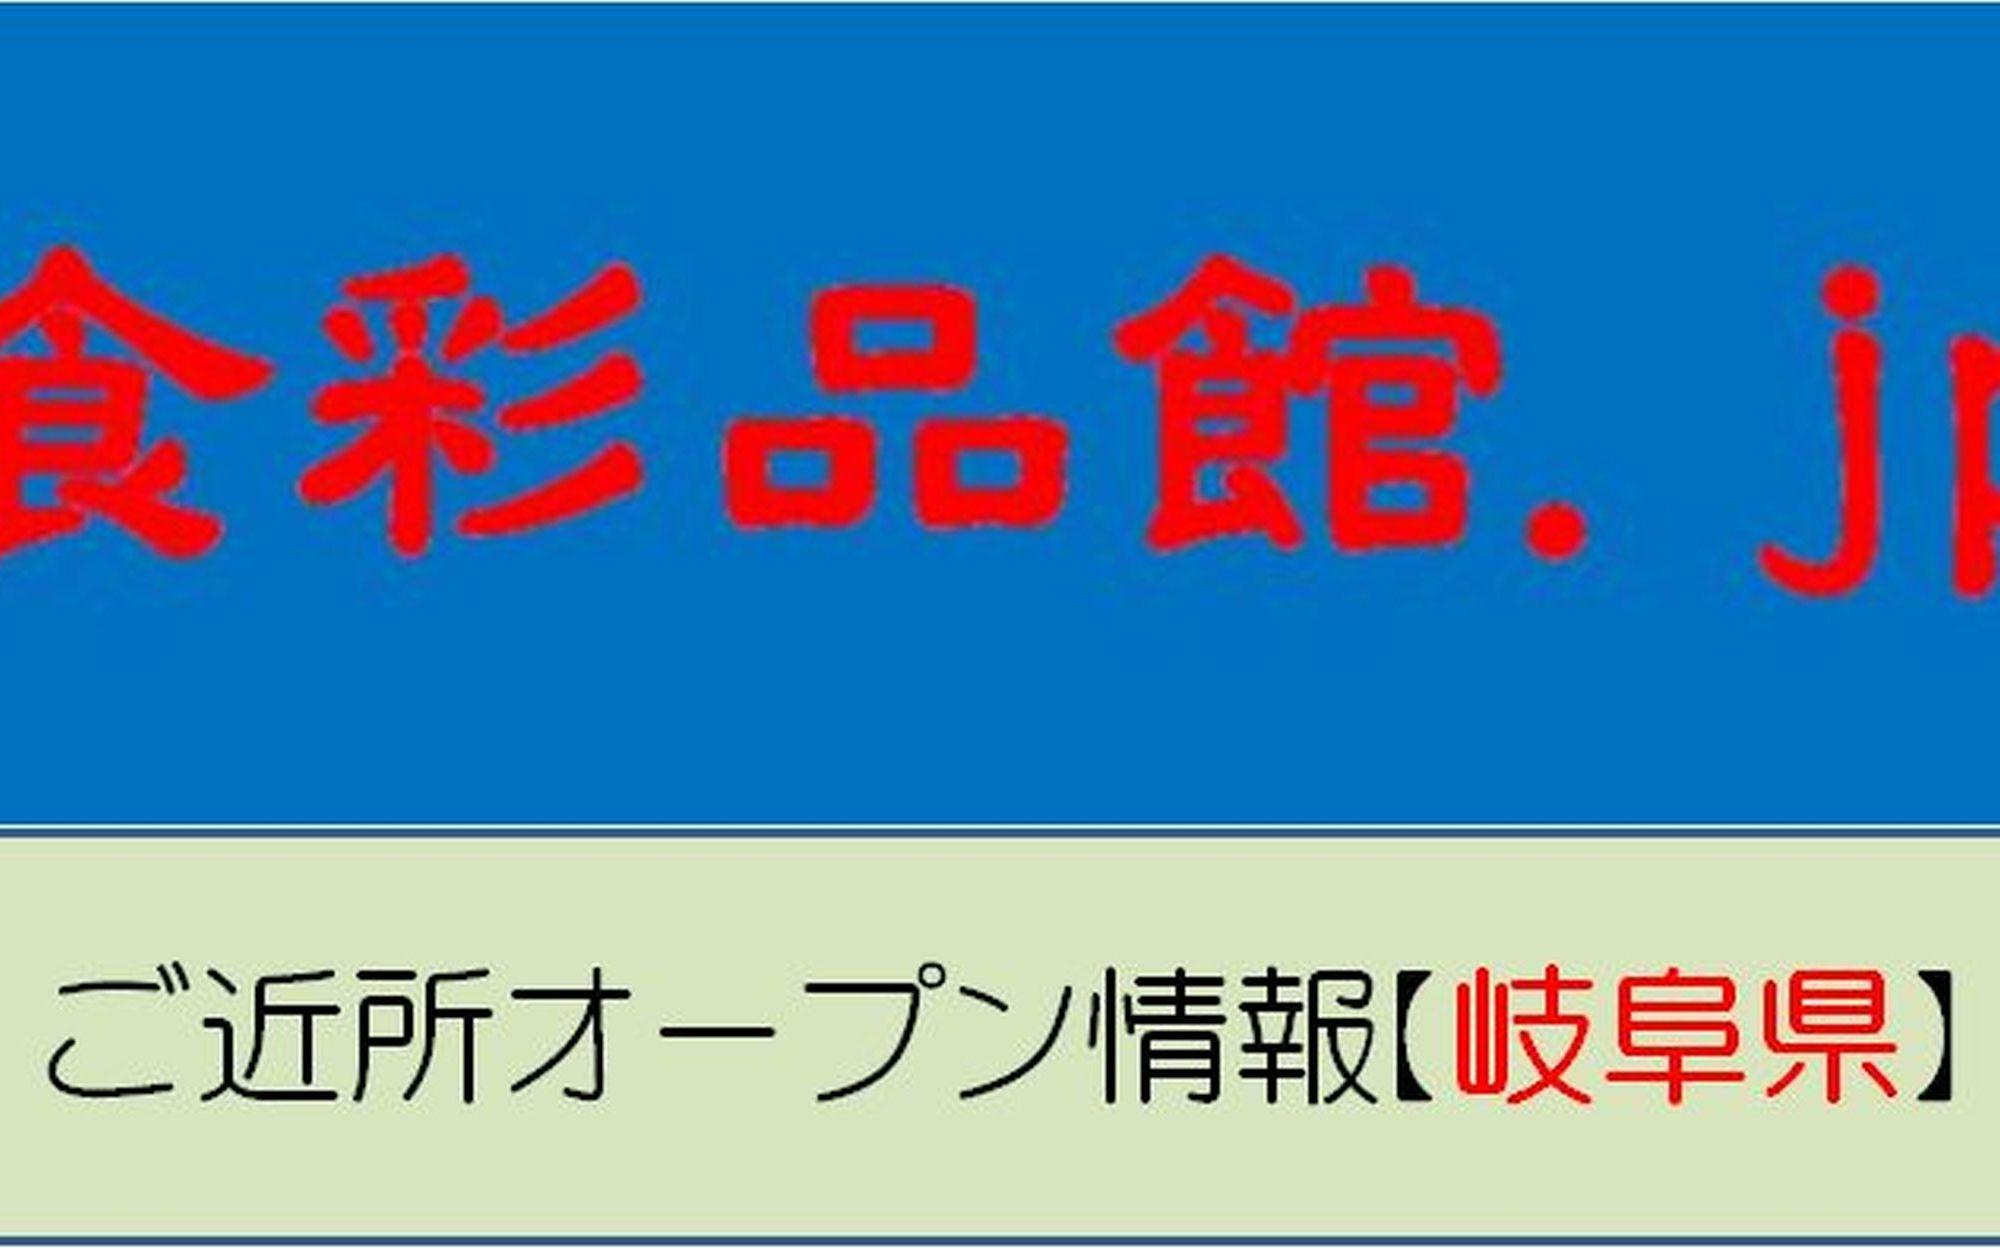 まぐろや石亭カラフルタウン岐阜店(岐阜市)2020年2月末頃オープン予定